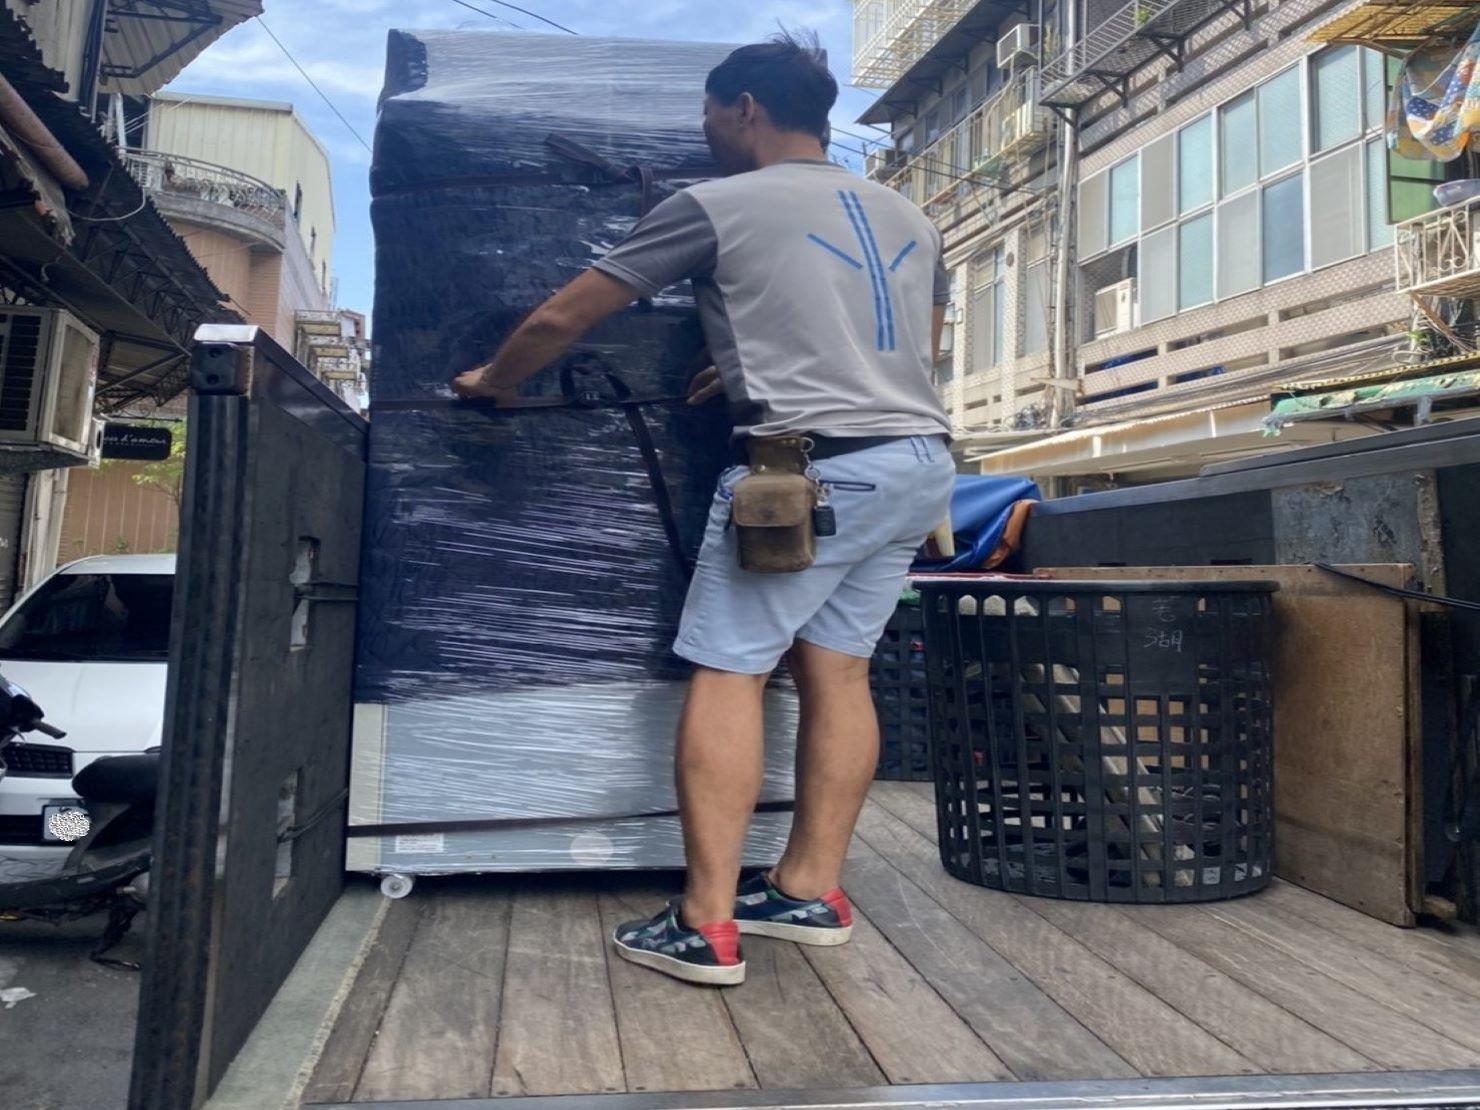 搬家【榮福搬家公司】台北搬家、新北搬家、重物搬運推薦:將冷凍冰箱完整無缺的送達顧客維修方囉。